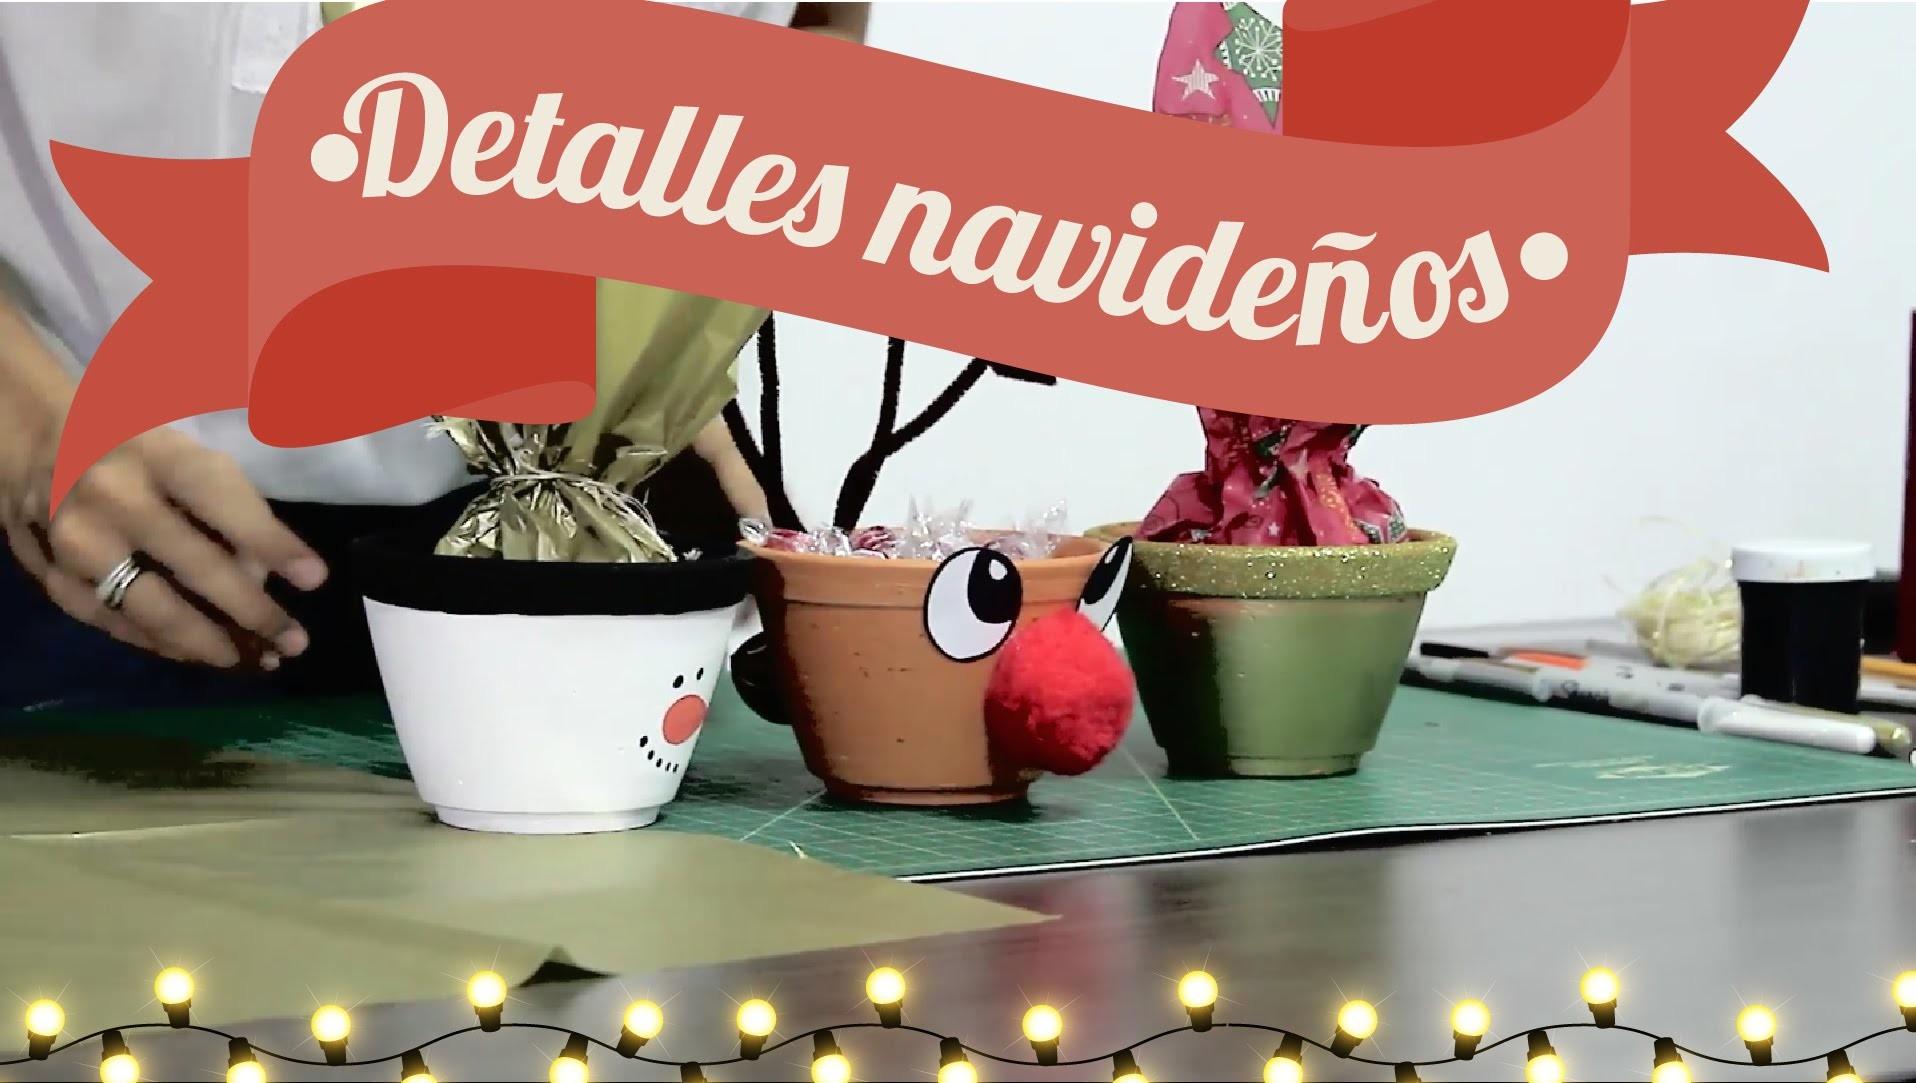 Cómo decorar macetas y botellas navideñas - DIY - Así de Fácil - Maleja